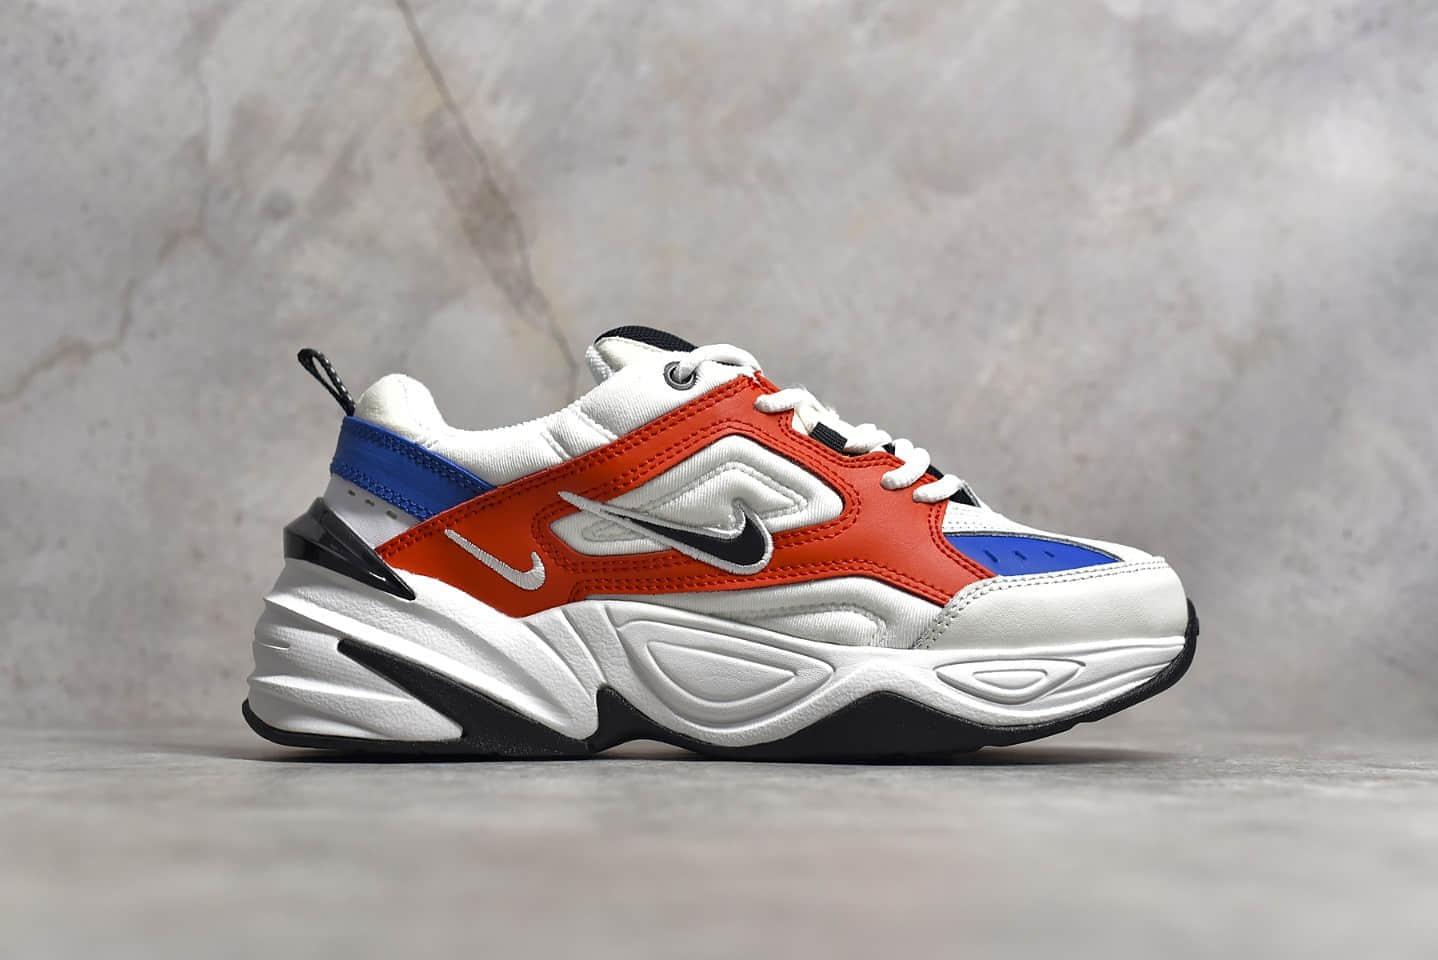 耐克M2K白红蓝老爹鞋跑鞋 NIKE M2K Tekno 纯原版本高品质耐克M2K复古慢跑鞋 货号:AV4789-100-潮流者之家